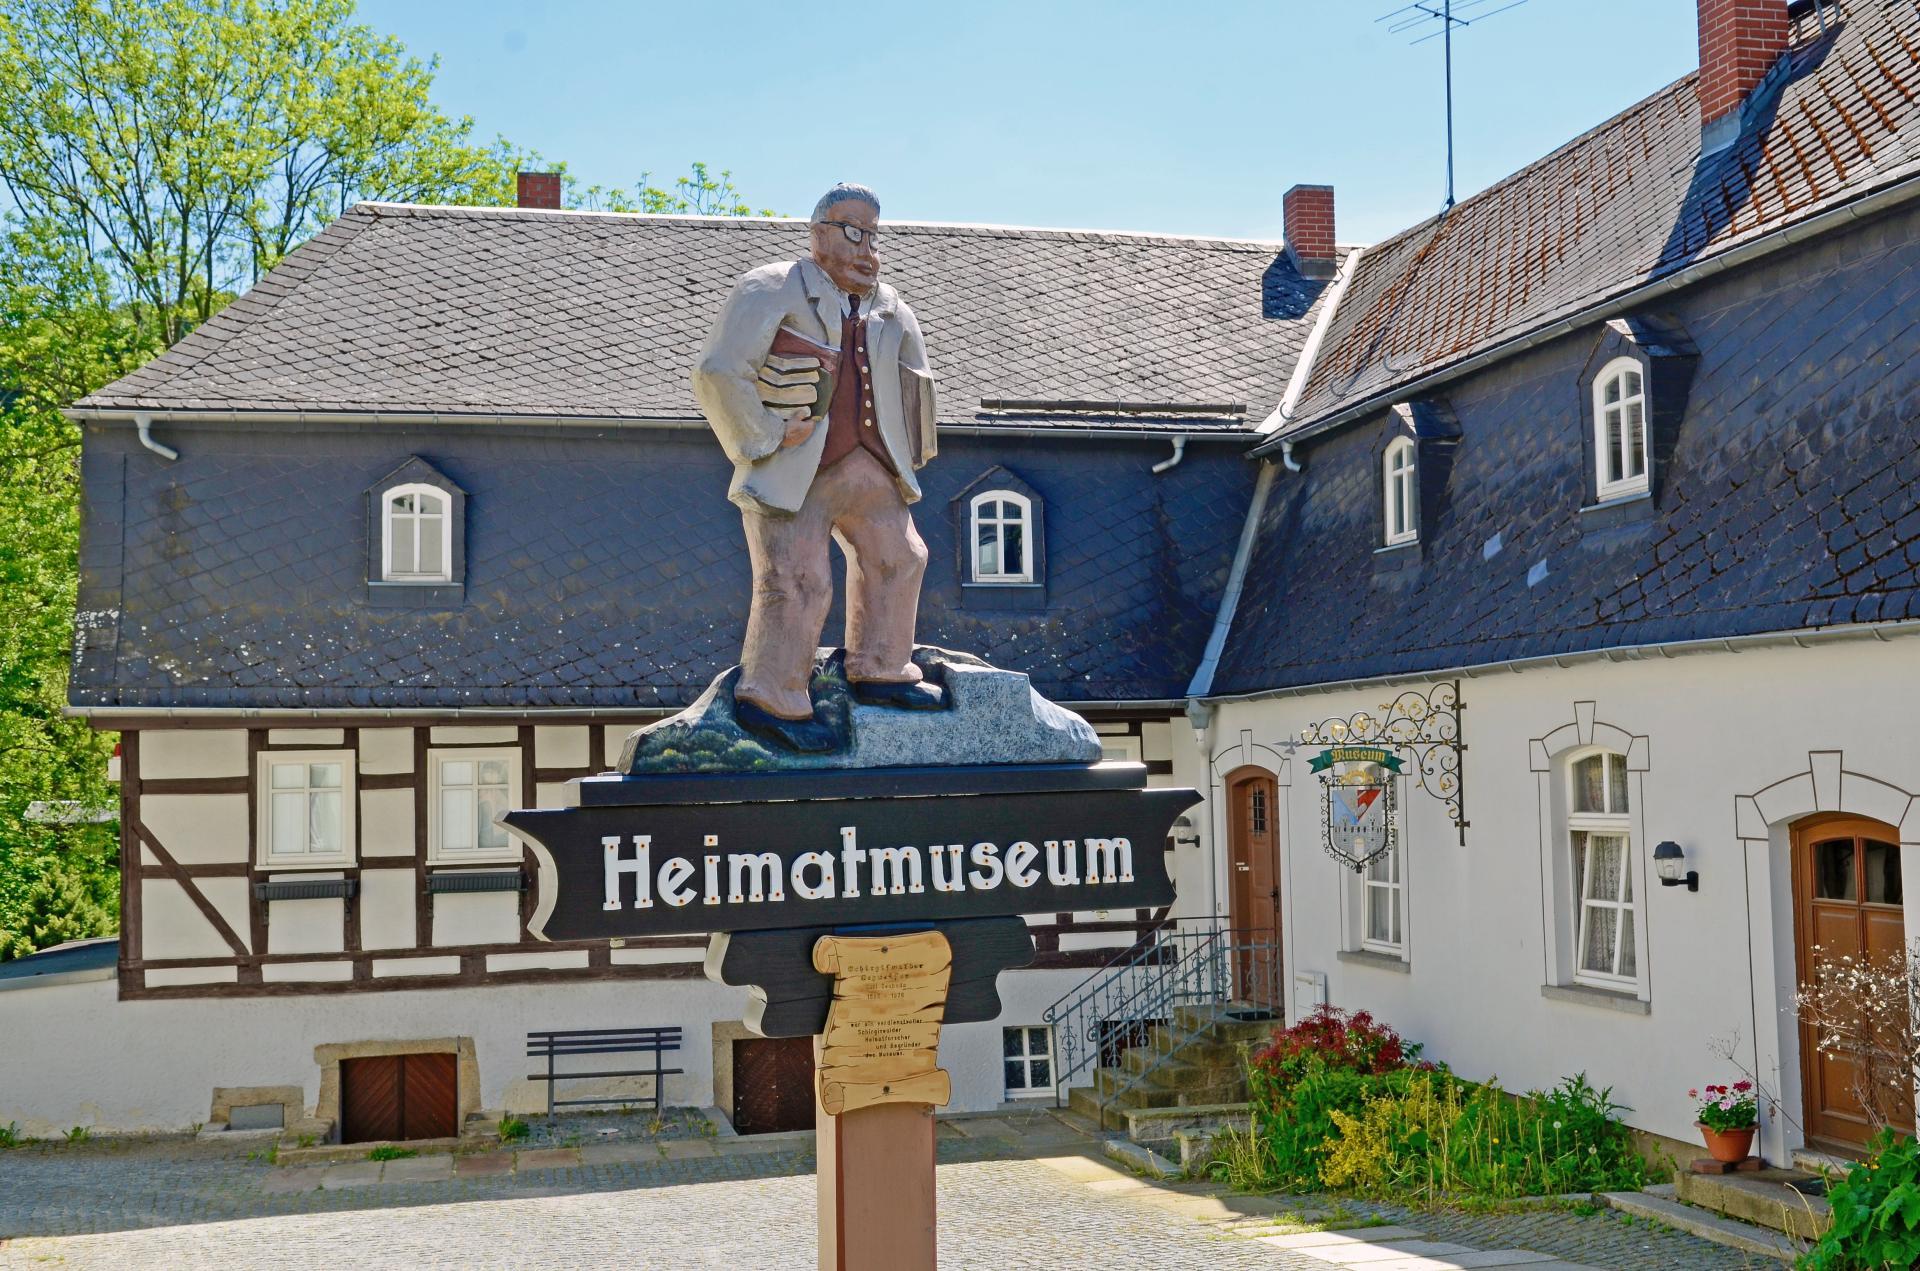 Heimatmuseum Schirgiswalde